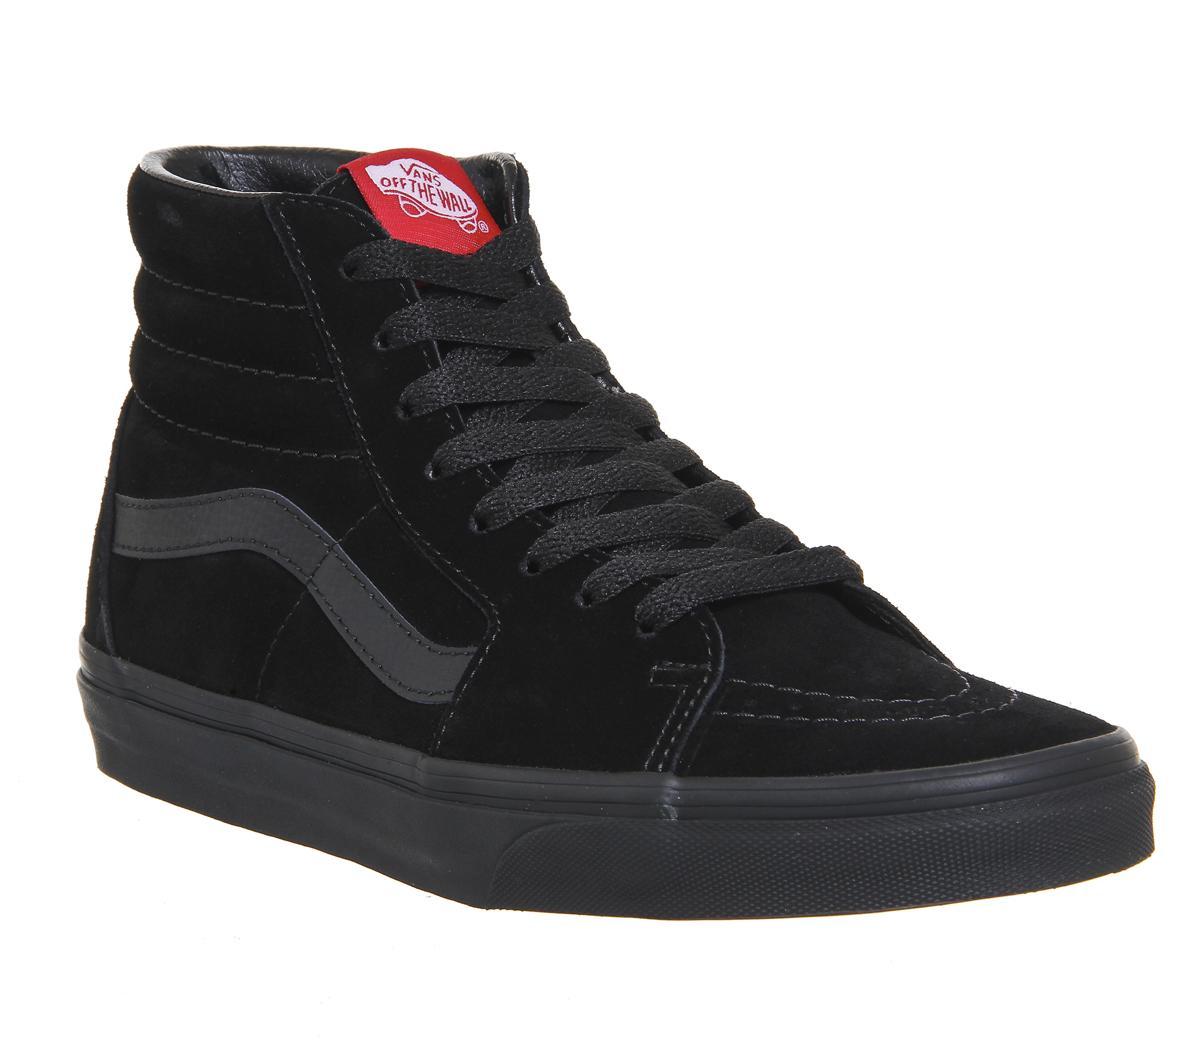 9ca146441f15 Vans Sk8 Hi Black Suede Mono - Hers trainers